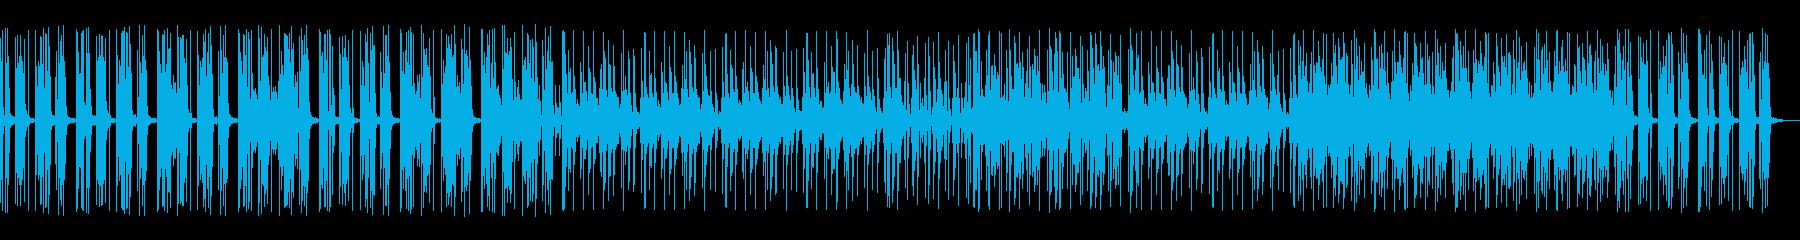 オリエンタルタッチのダイナミックで...の再生済みの波形